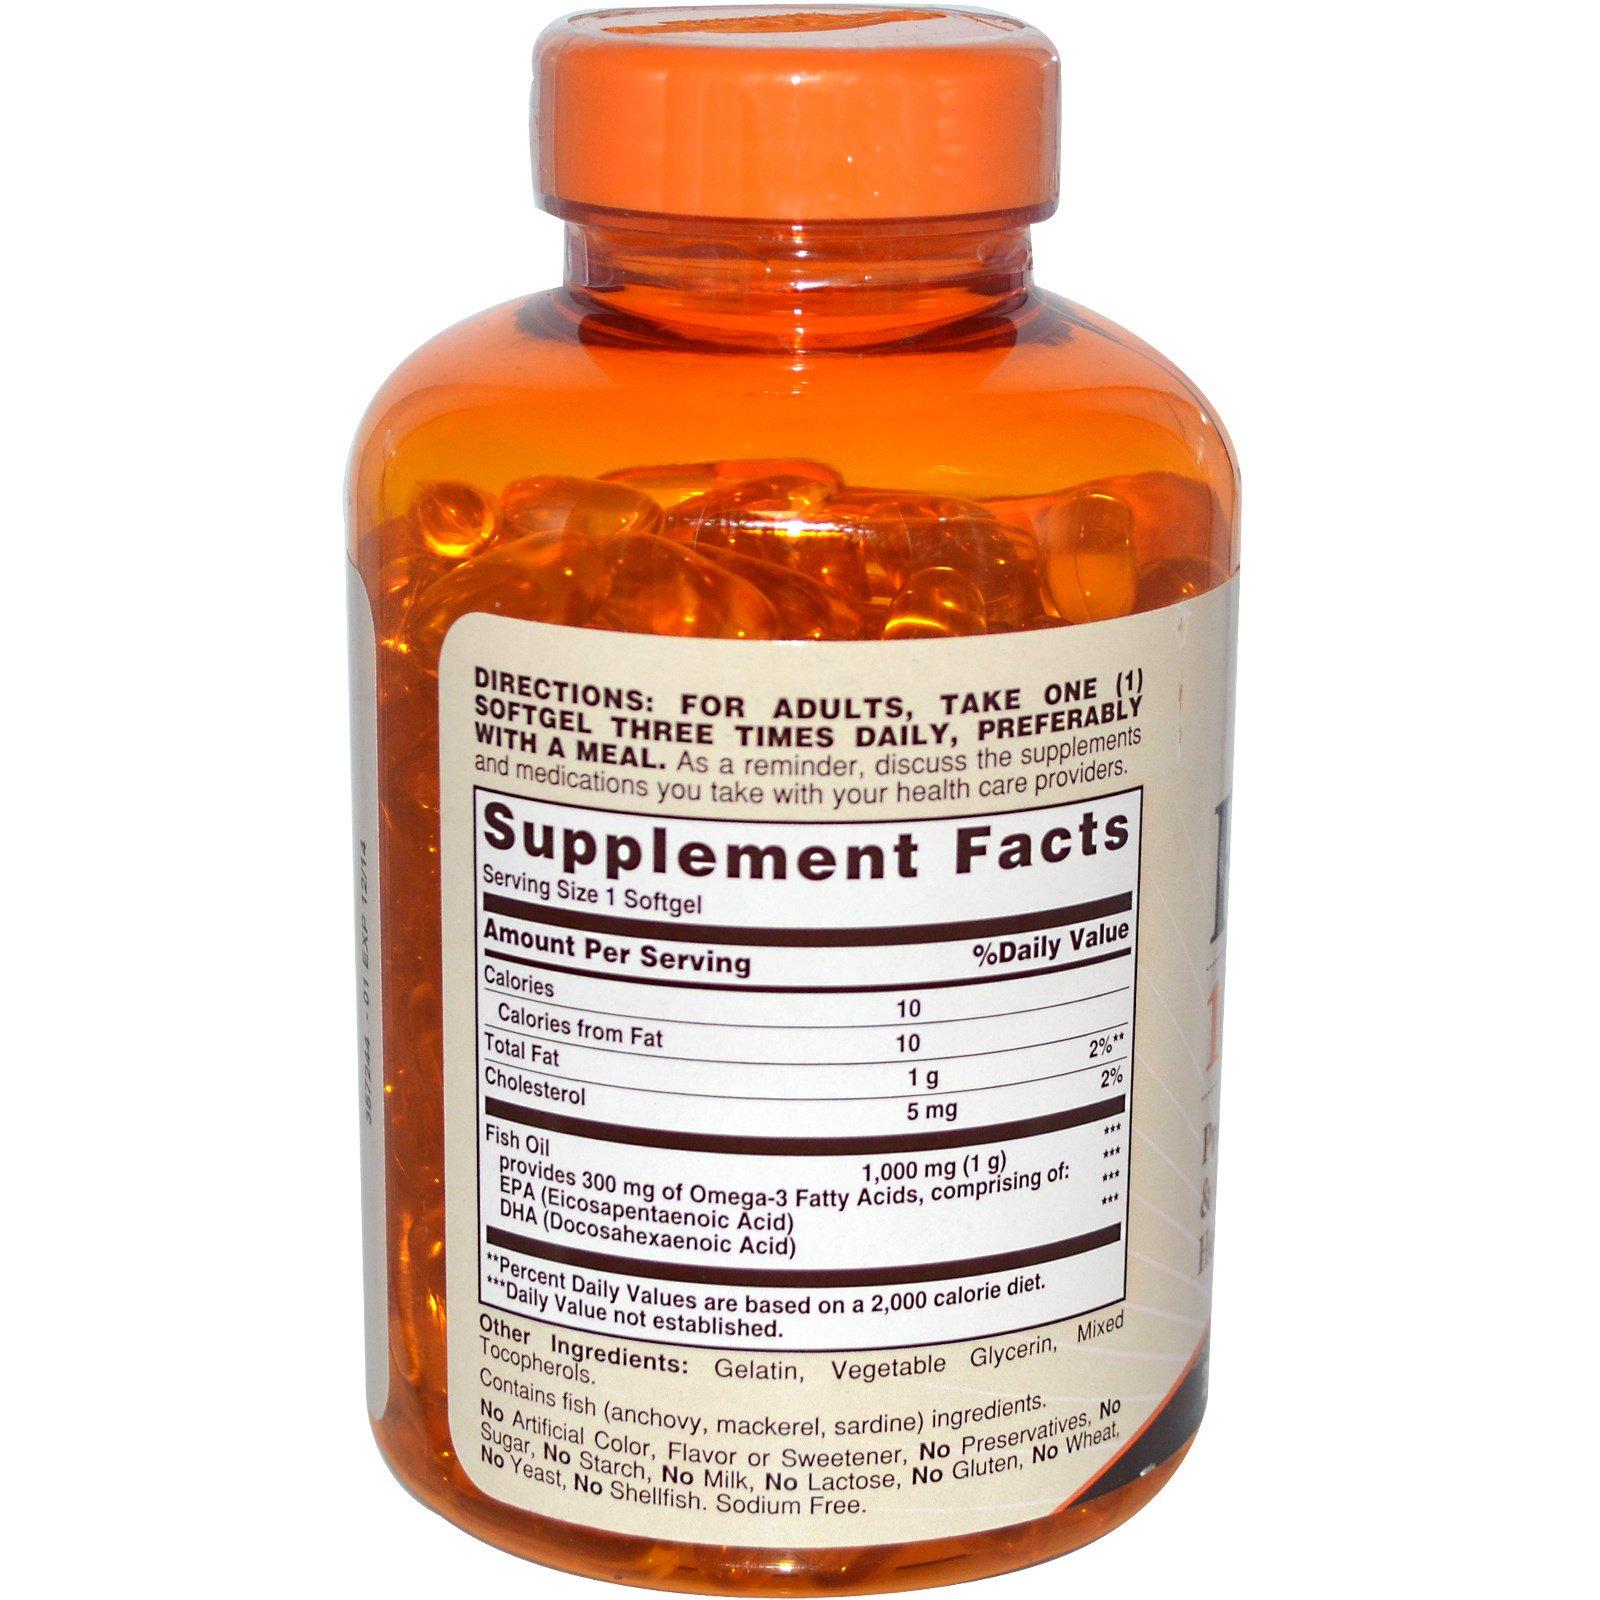 Sundown Naturals Fish Oil 1000 Mg 200 Softgels Healthy Care Omega 369 Caps Discontinued Item